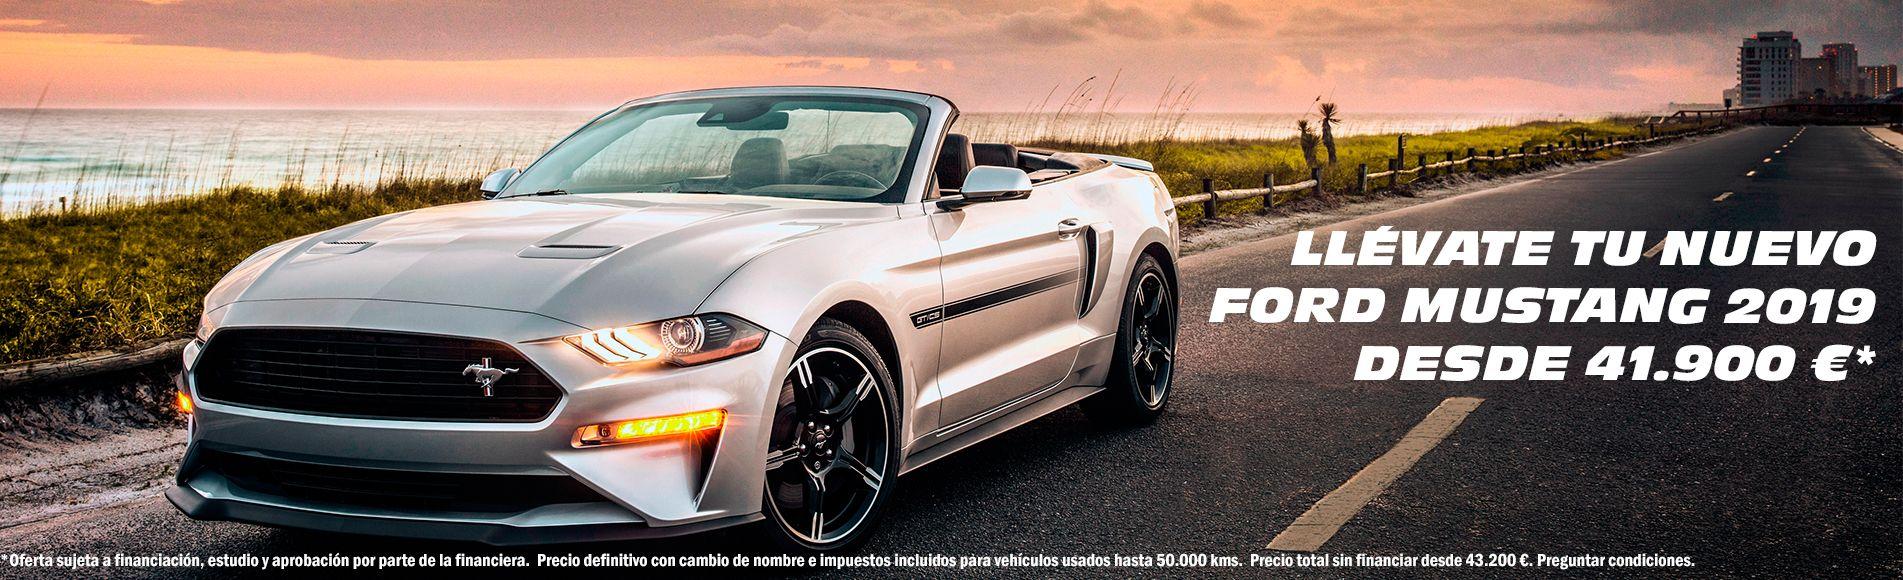 Fr world cars importación de vehículos americanos comprar coches americanos